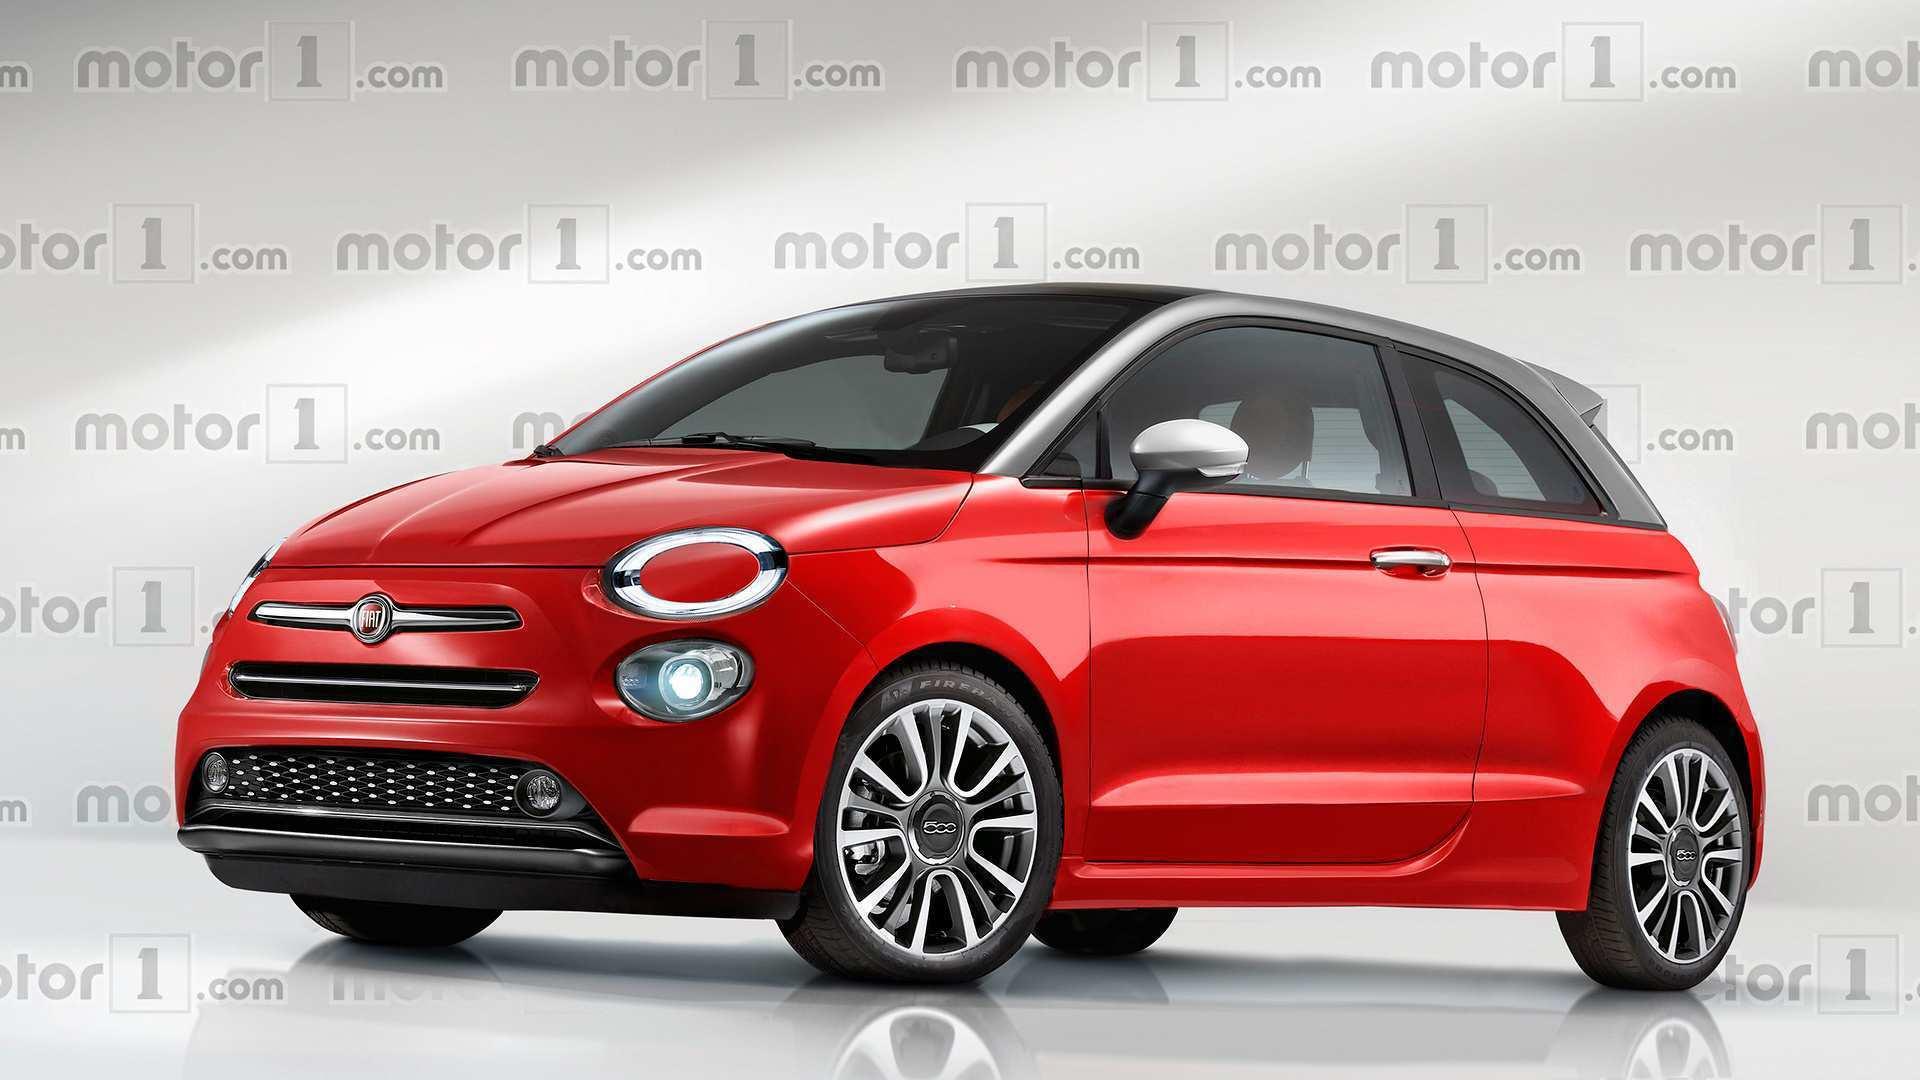 59 Concept of 2020 Fiat 500E Reviews with 2020 Fiat 500E